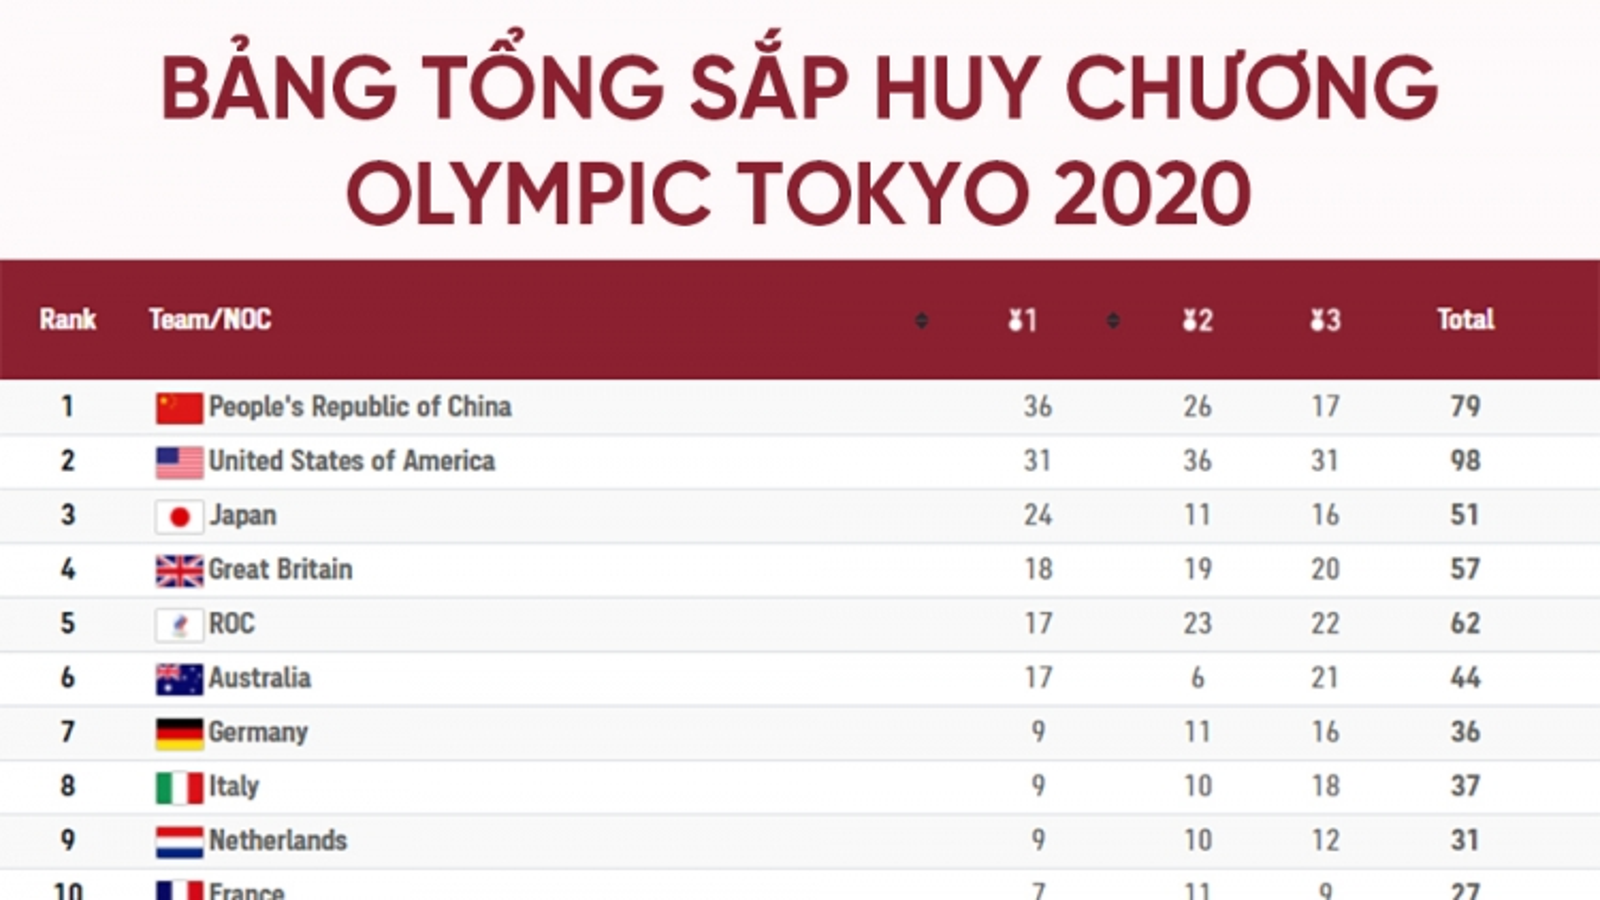 Bảng tổng sắp huy chương Olympic Tokyo 2020 ngày 7/8: Mỹ hụt hơi trước Trung Quốc